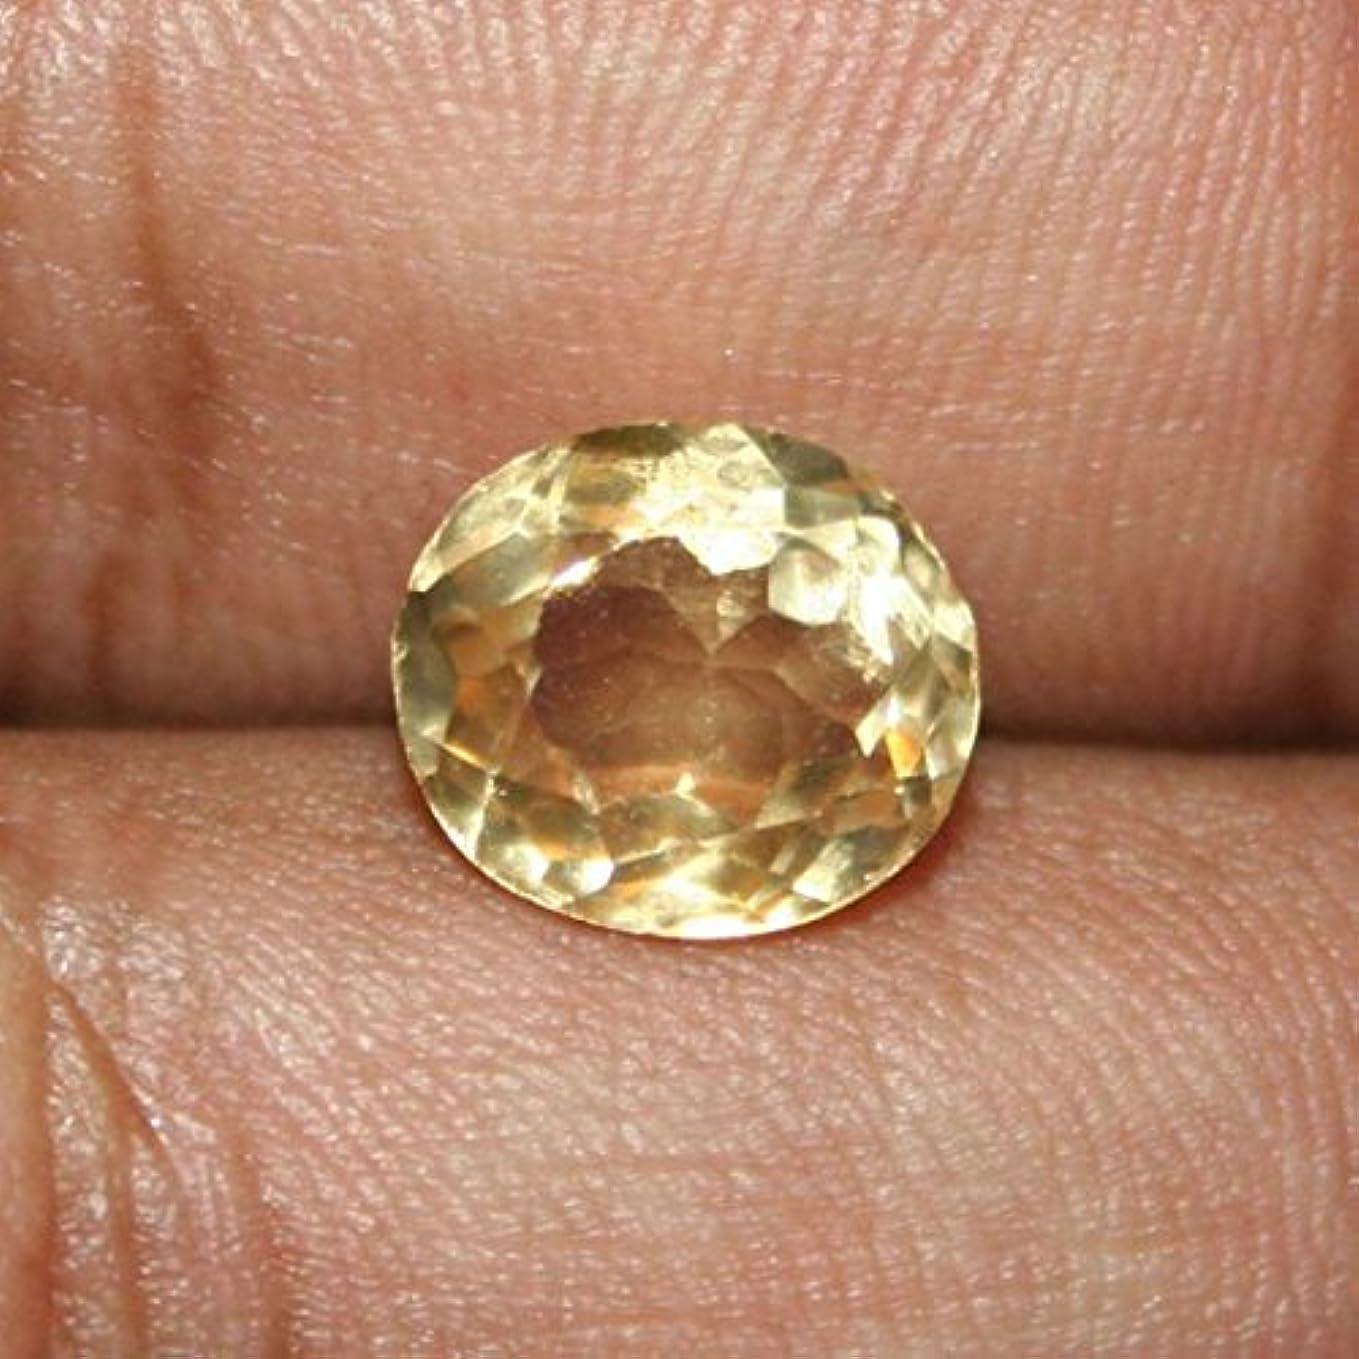 ウィンク戦略レガシーシトリン原石Certified Natural sunelaストーン8.8カラットby gemselect